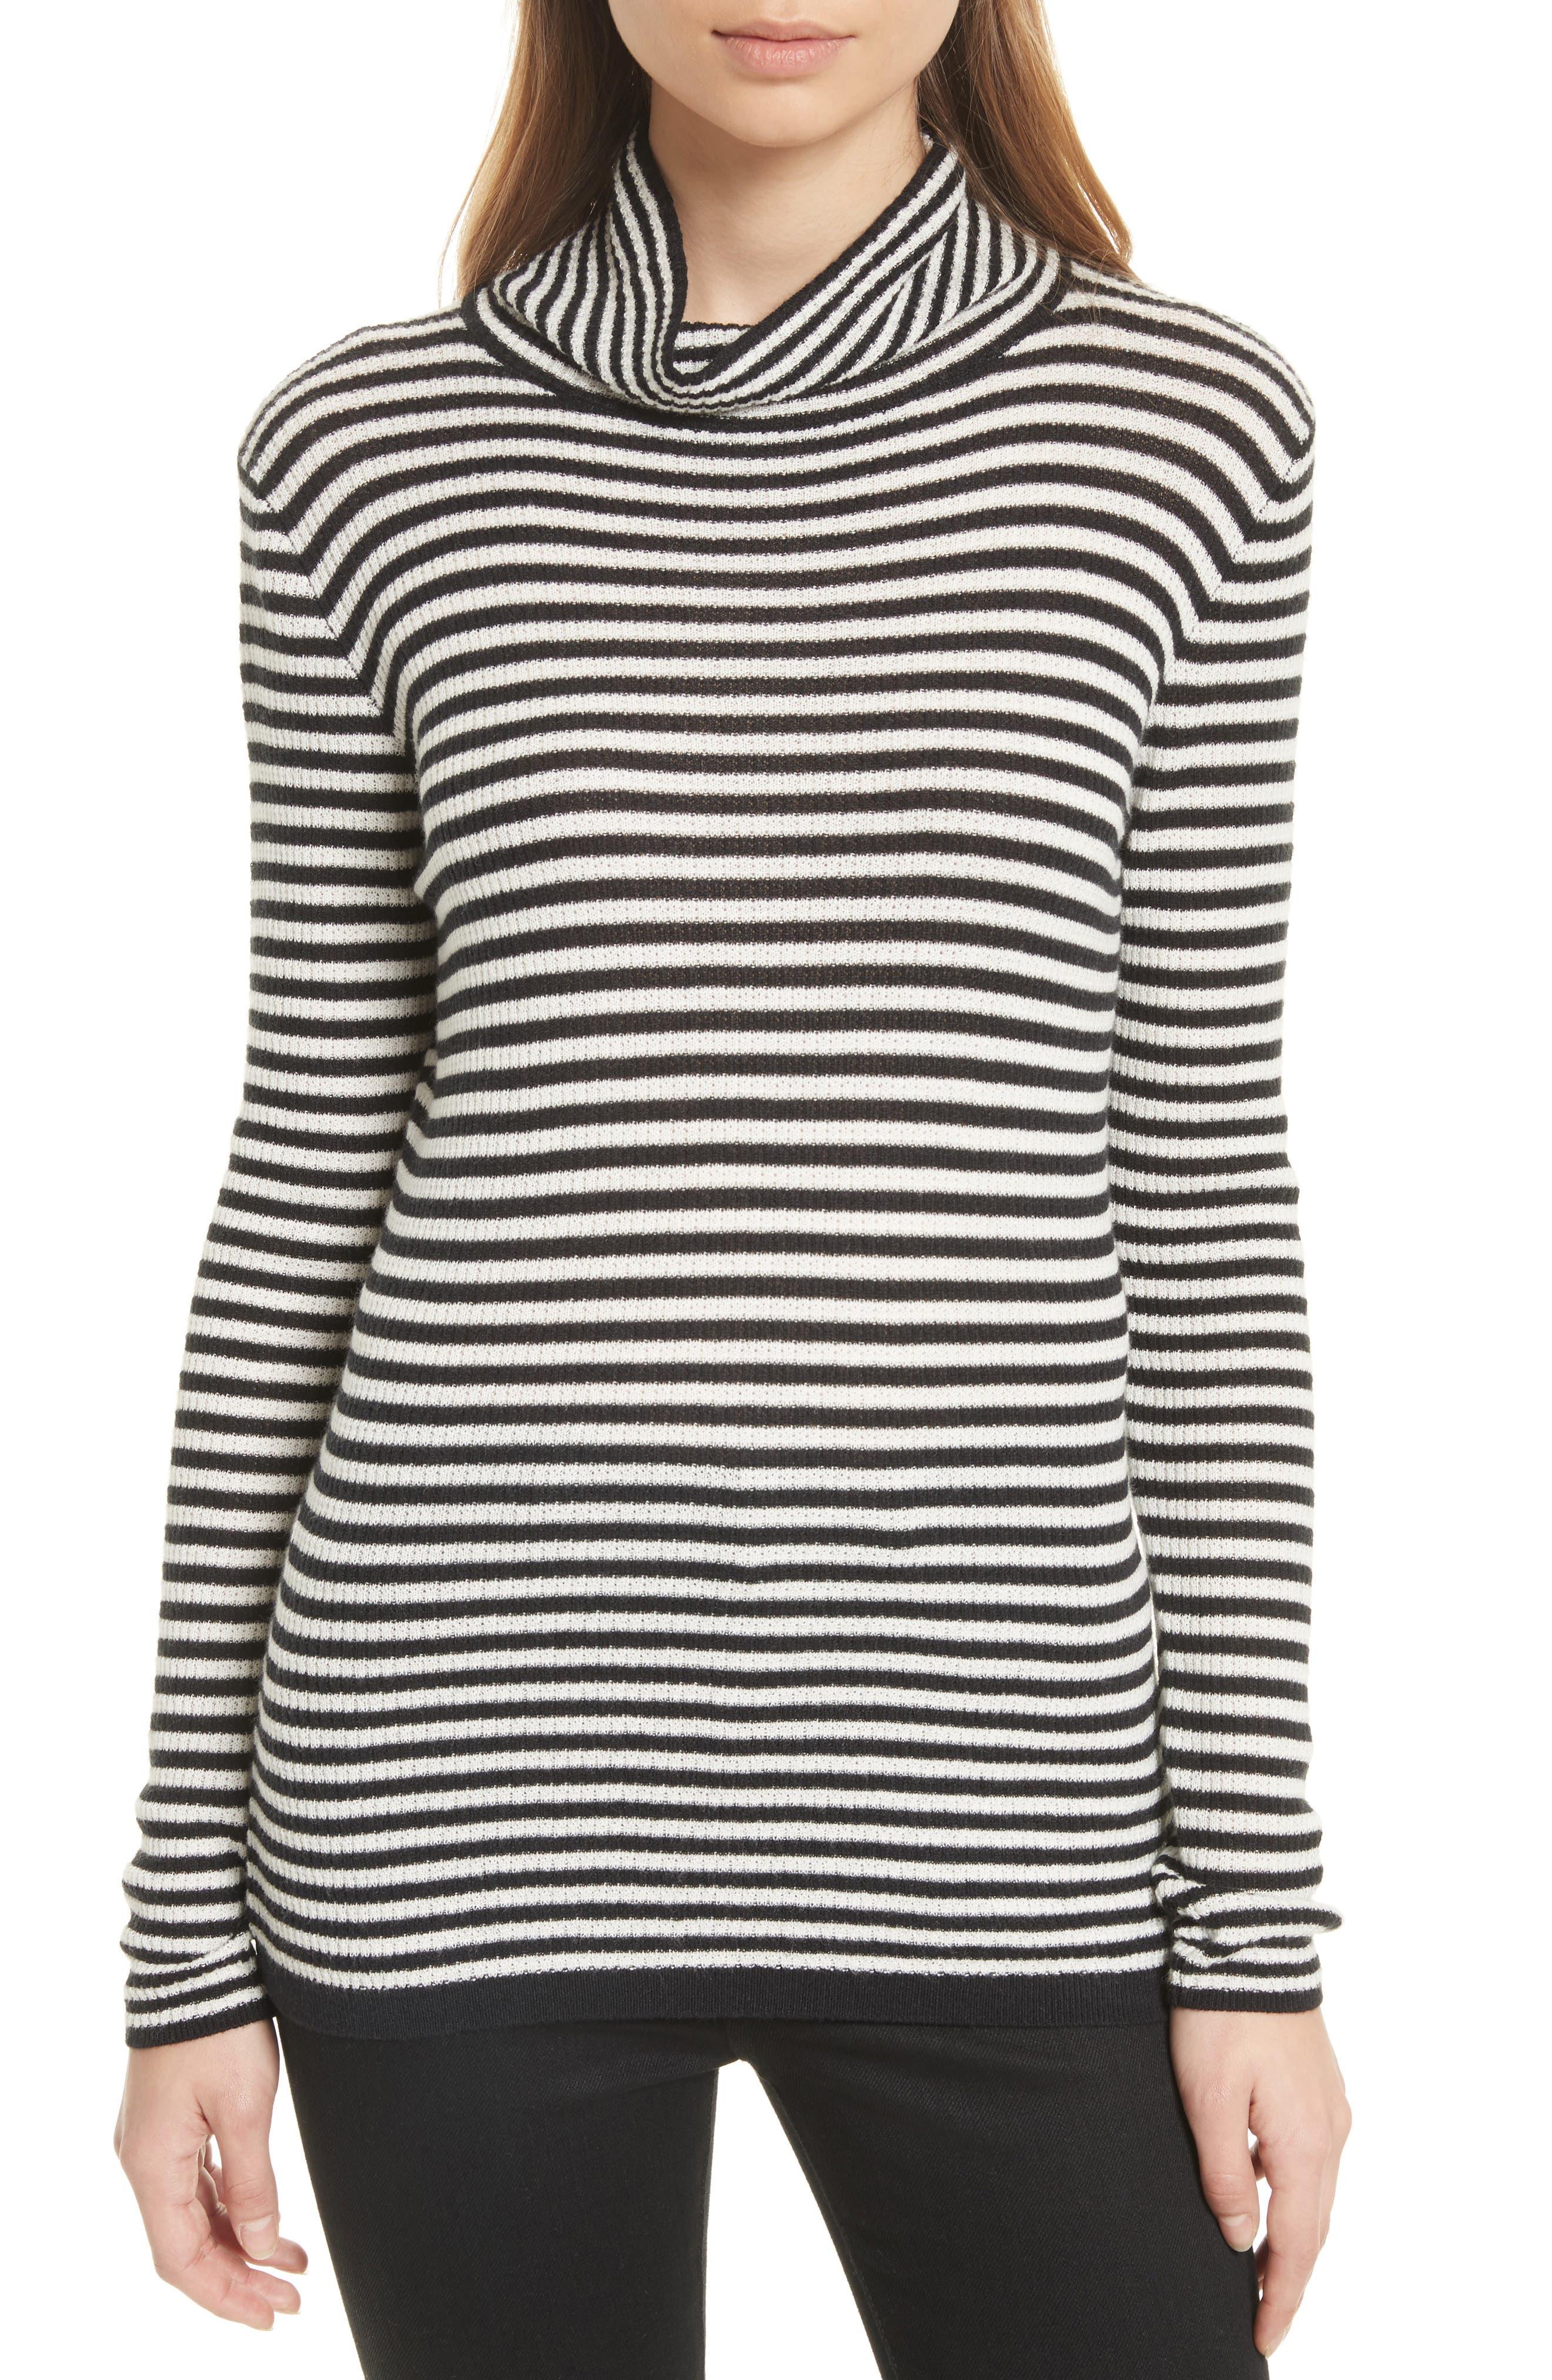 Zelene Stripe Cowl Neck Sweater,                         Main,                         color, Caviar/ Porceclain